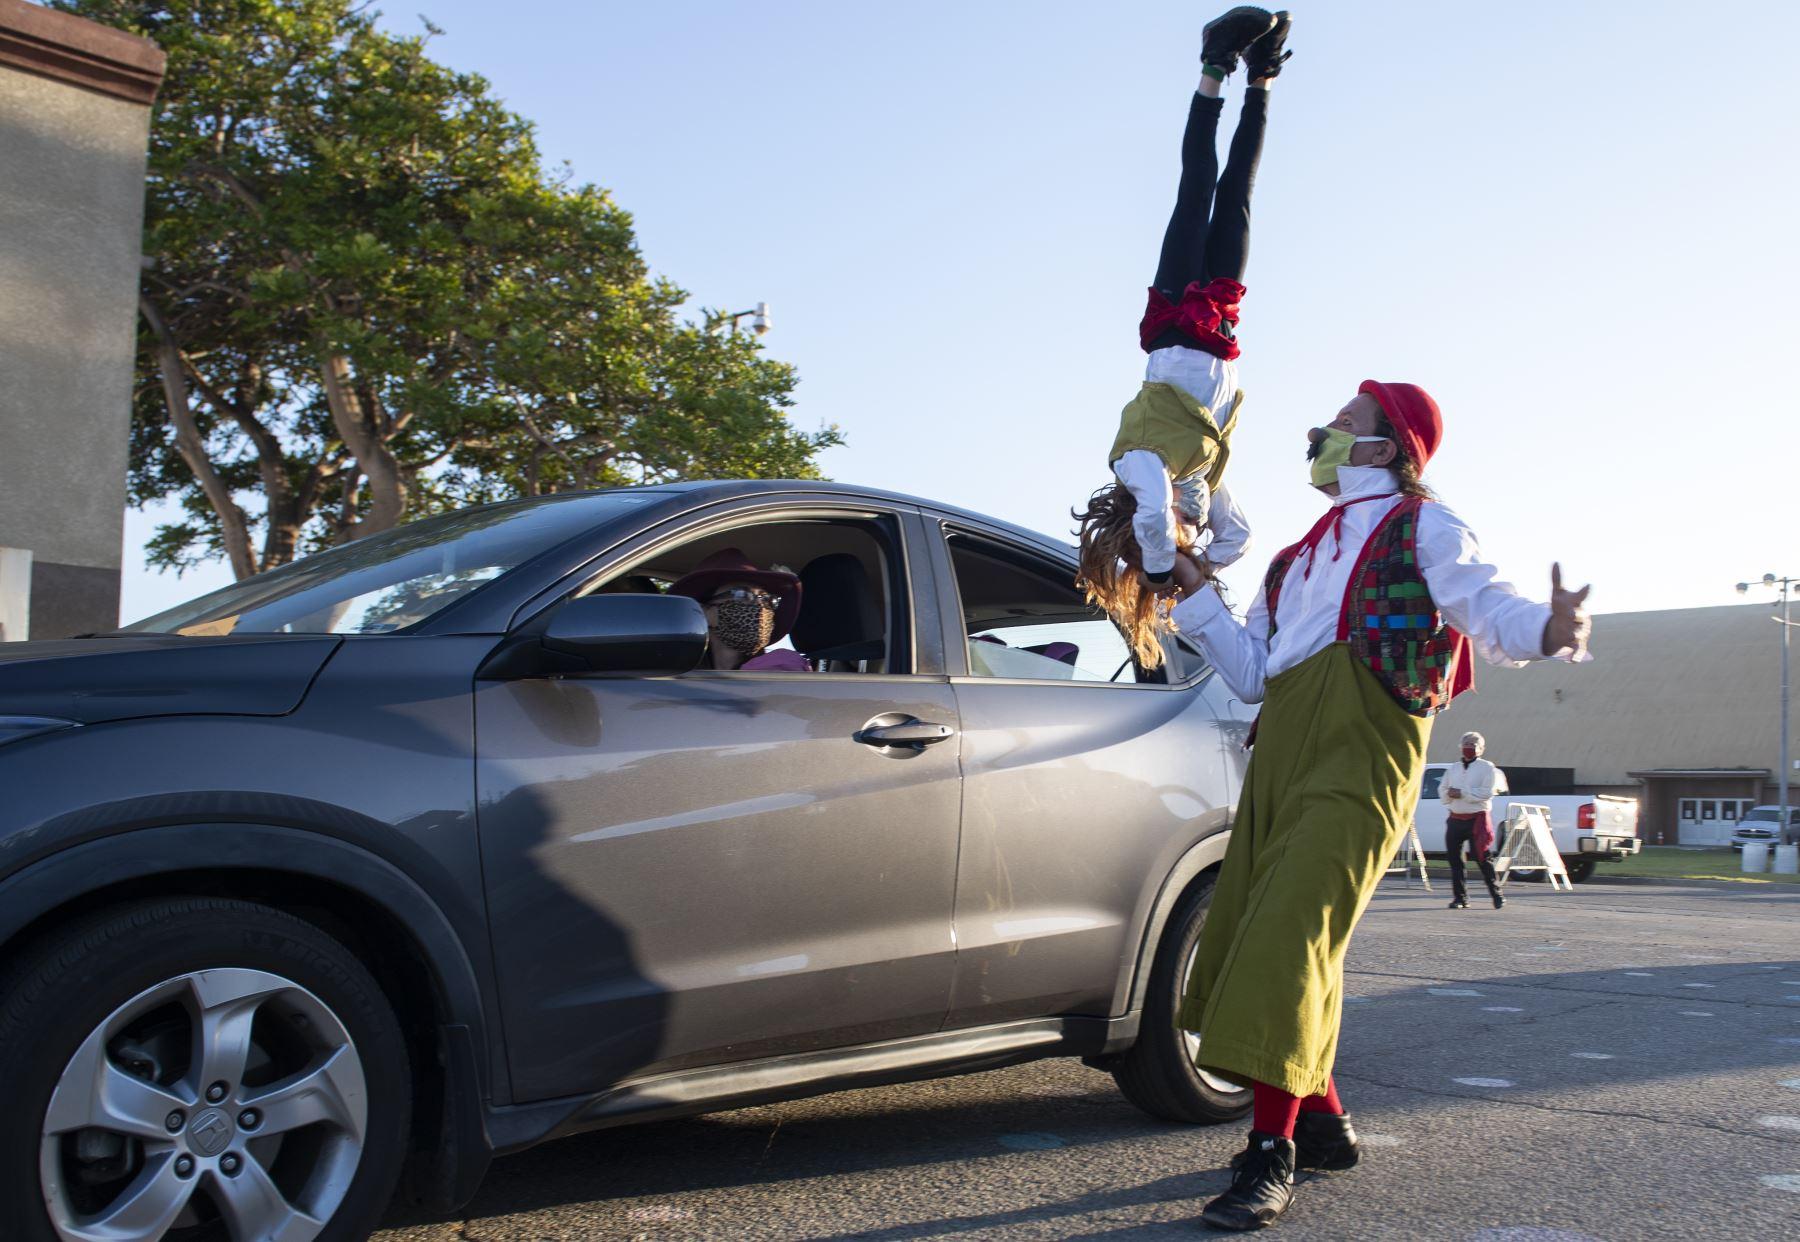 Ventura, California. Un payaso del circo Zoppe realiza malabares mientras da la bienvenida al público durante el evento en vivo